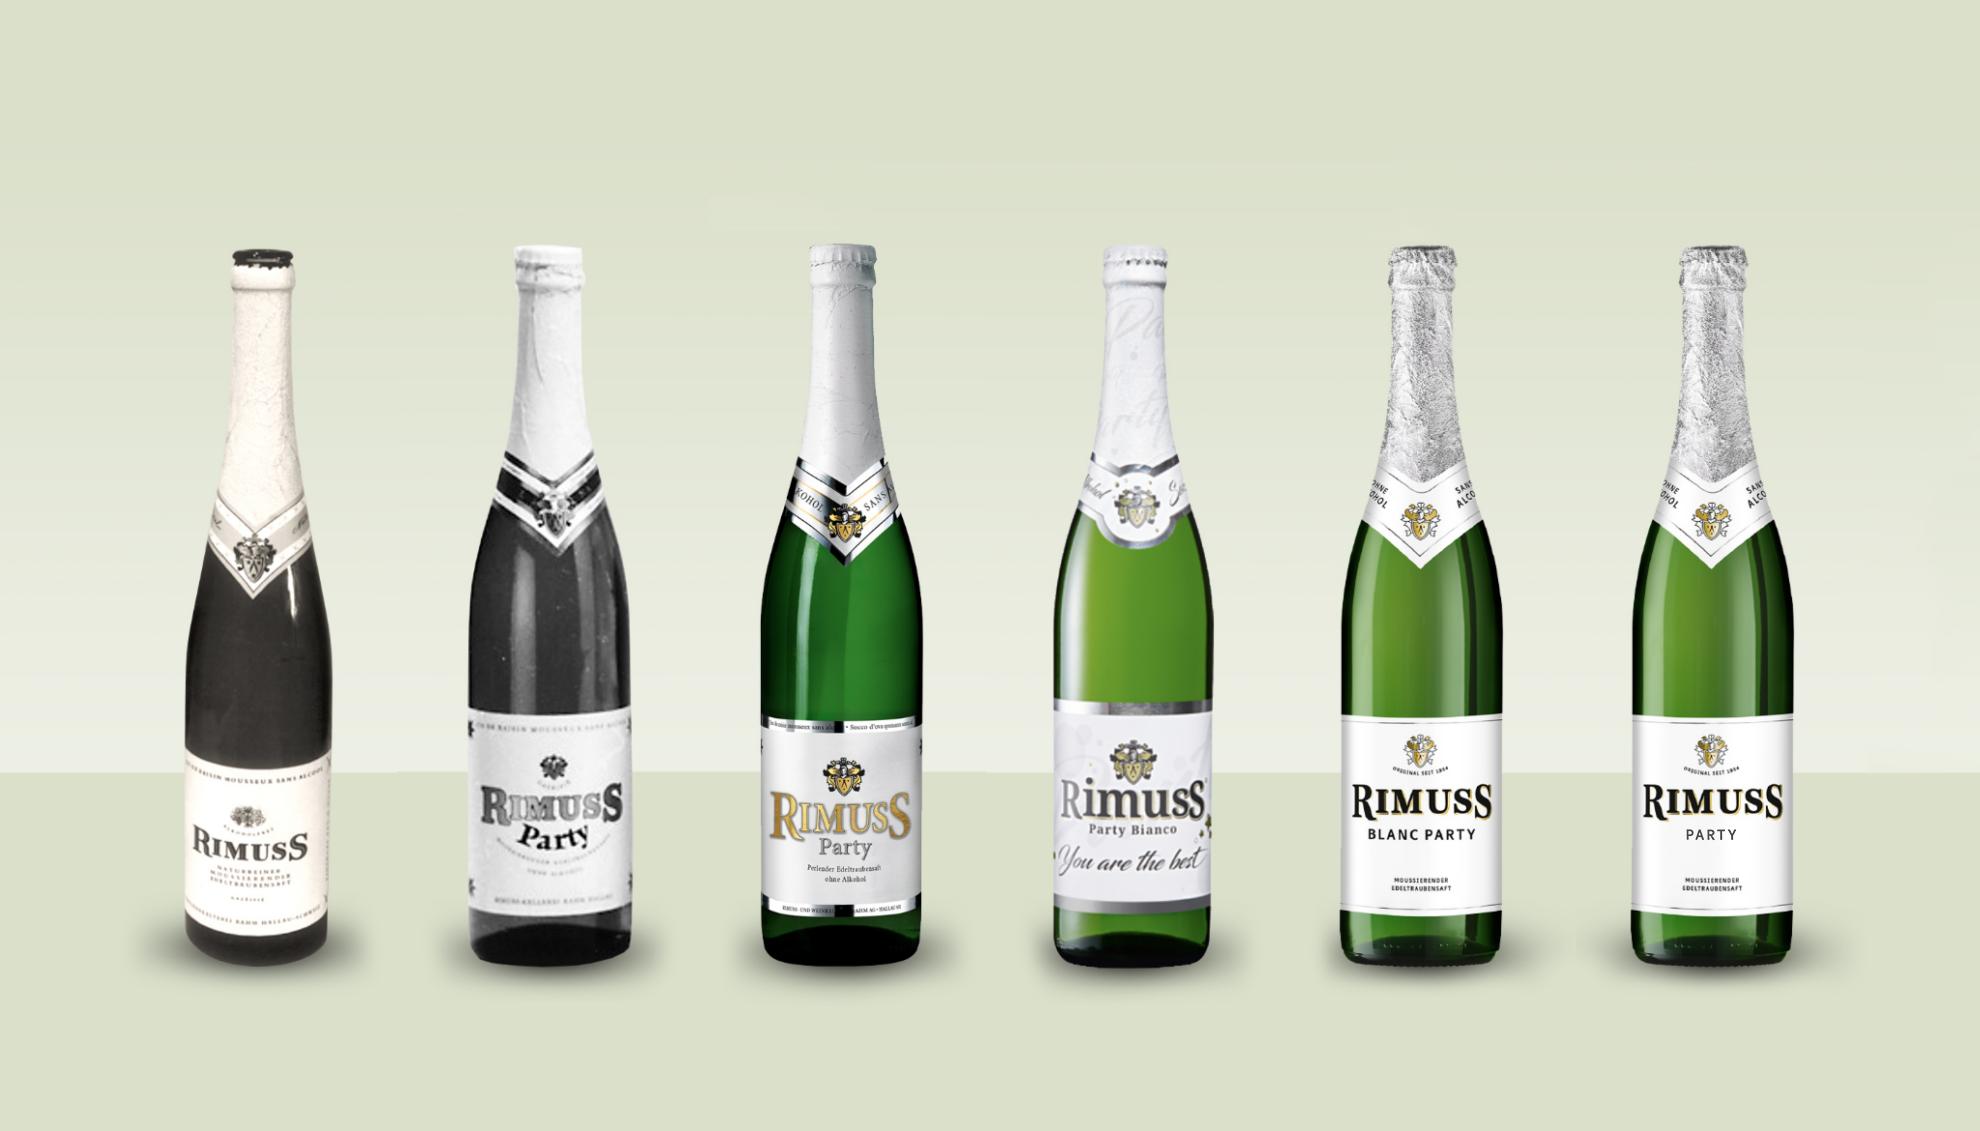 Rimuss Party Flaschen Designs und ihre Veränderung über die Zeit.